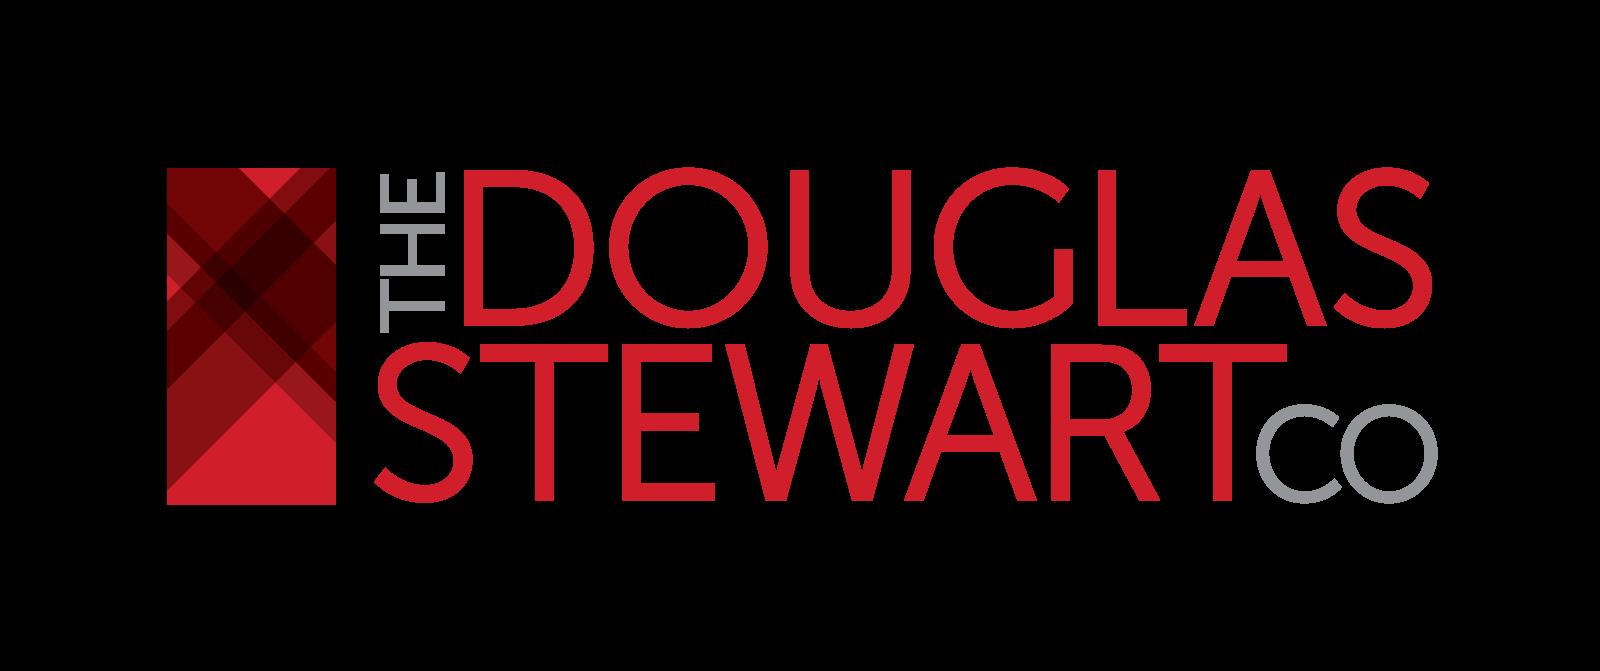 The Douglas Stewart Co. logo